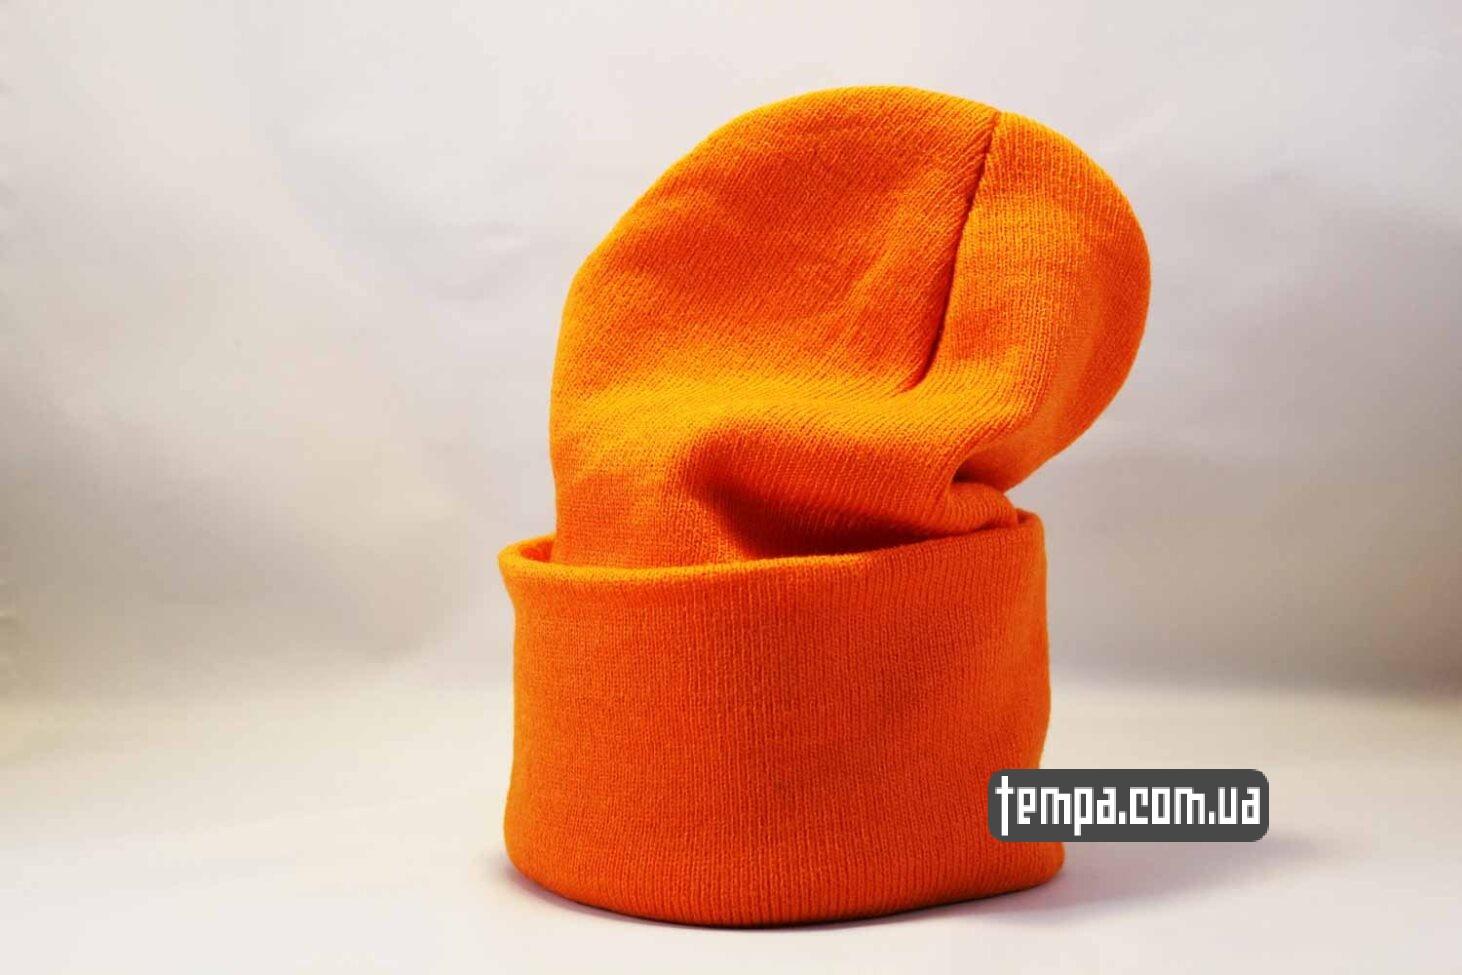 бини магазин шапка beanie Aape оранжевая яркая купить Украина